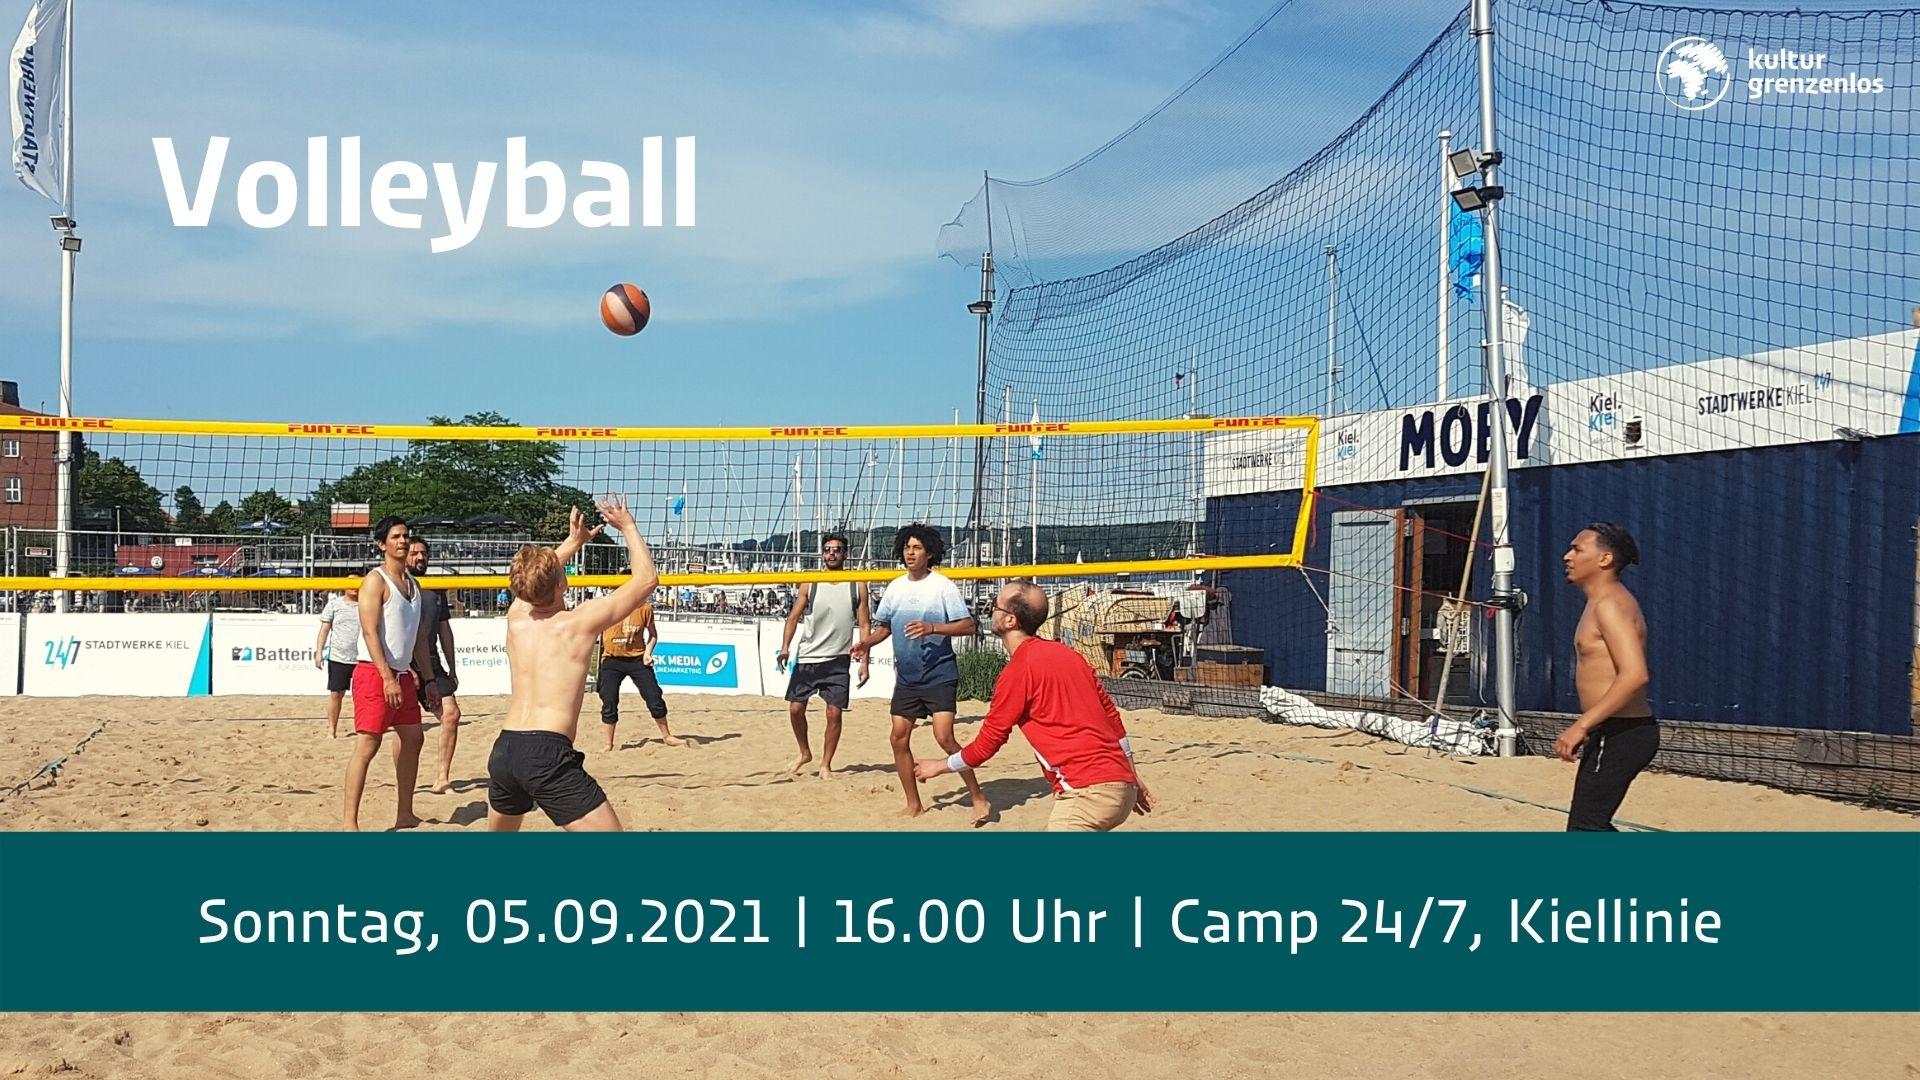 Volleyball ist am 05.09.21